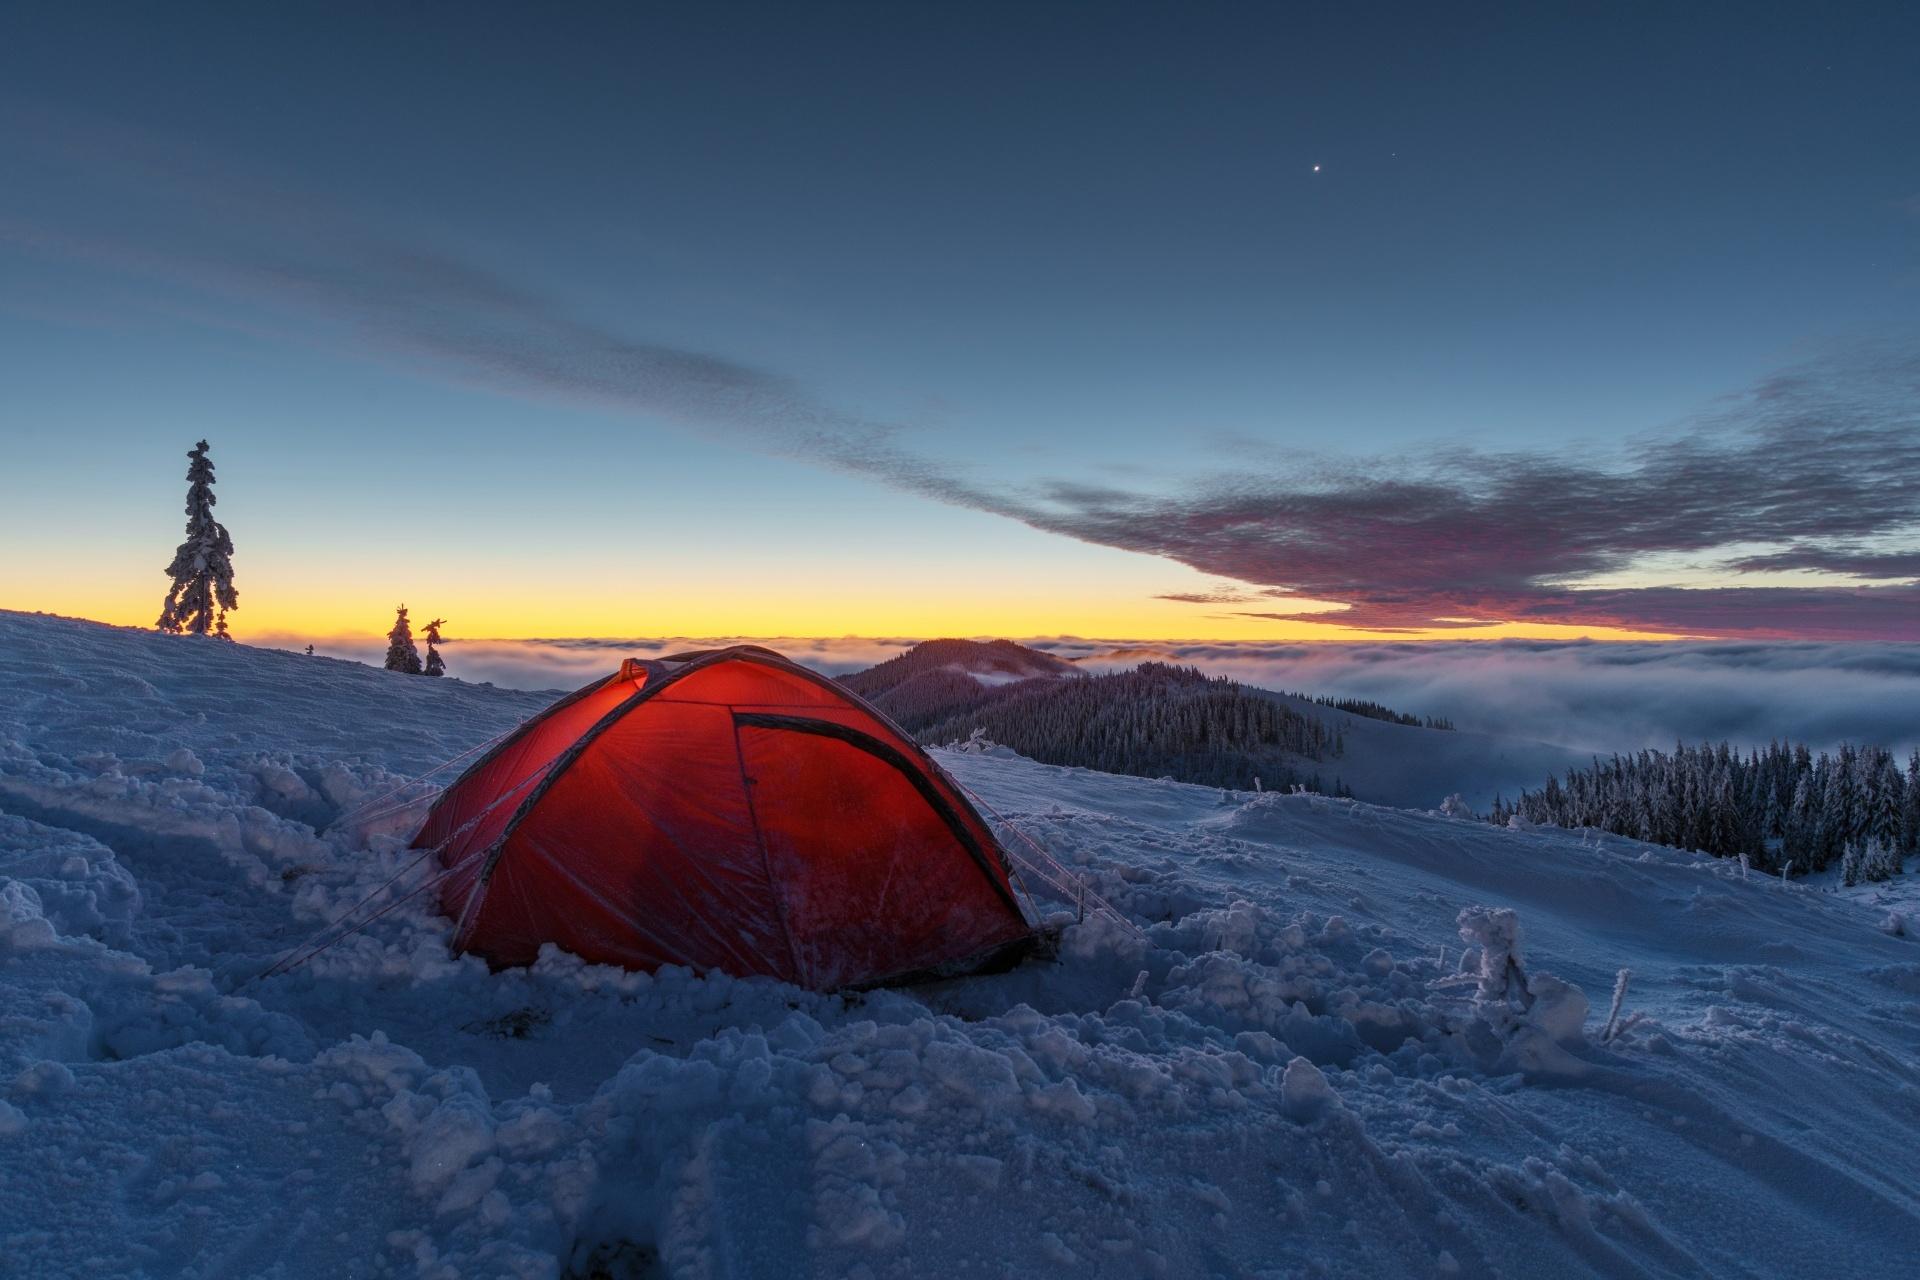 冬の夜明けのカルパティア山脈 ウクライナの風景